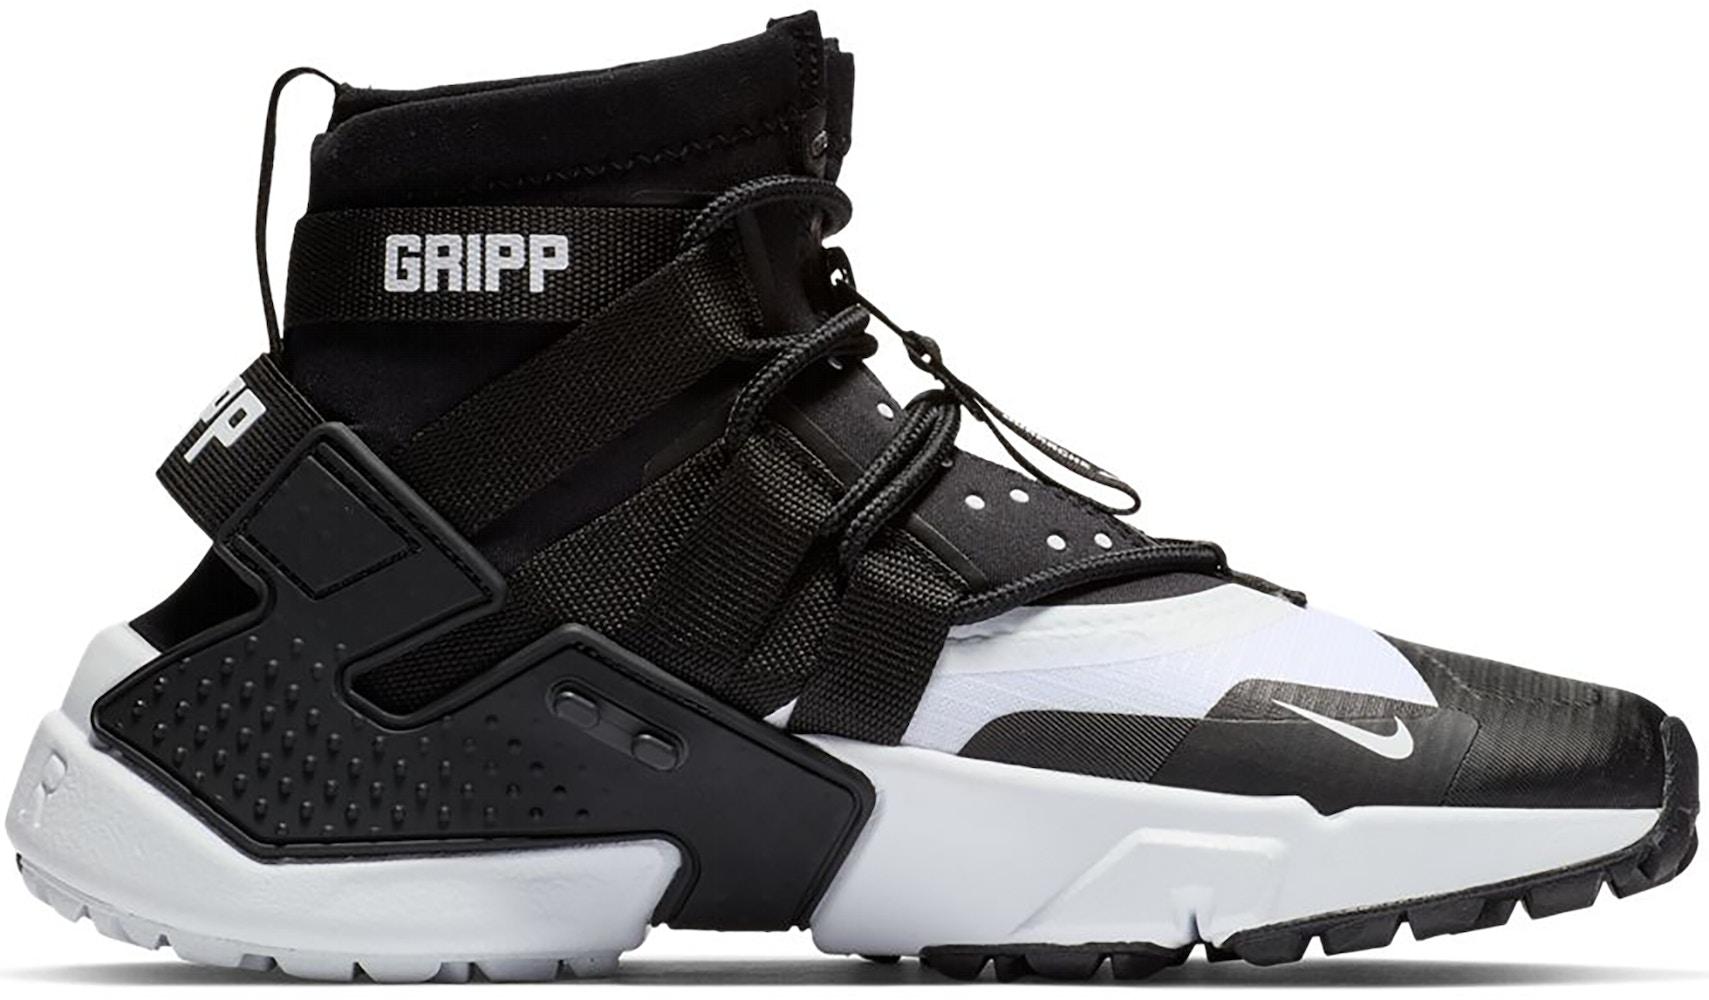 Nike Air Huarache Gripp Black White - AO1730-005